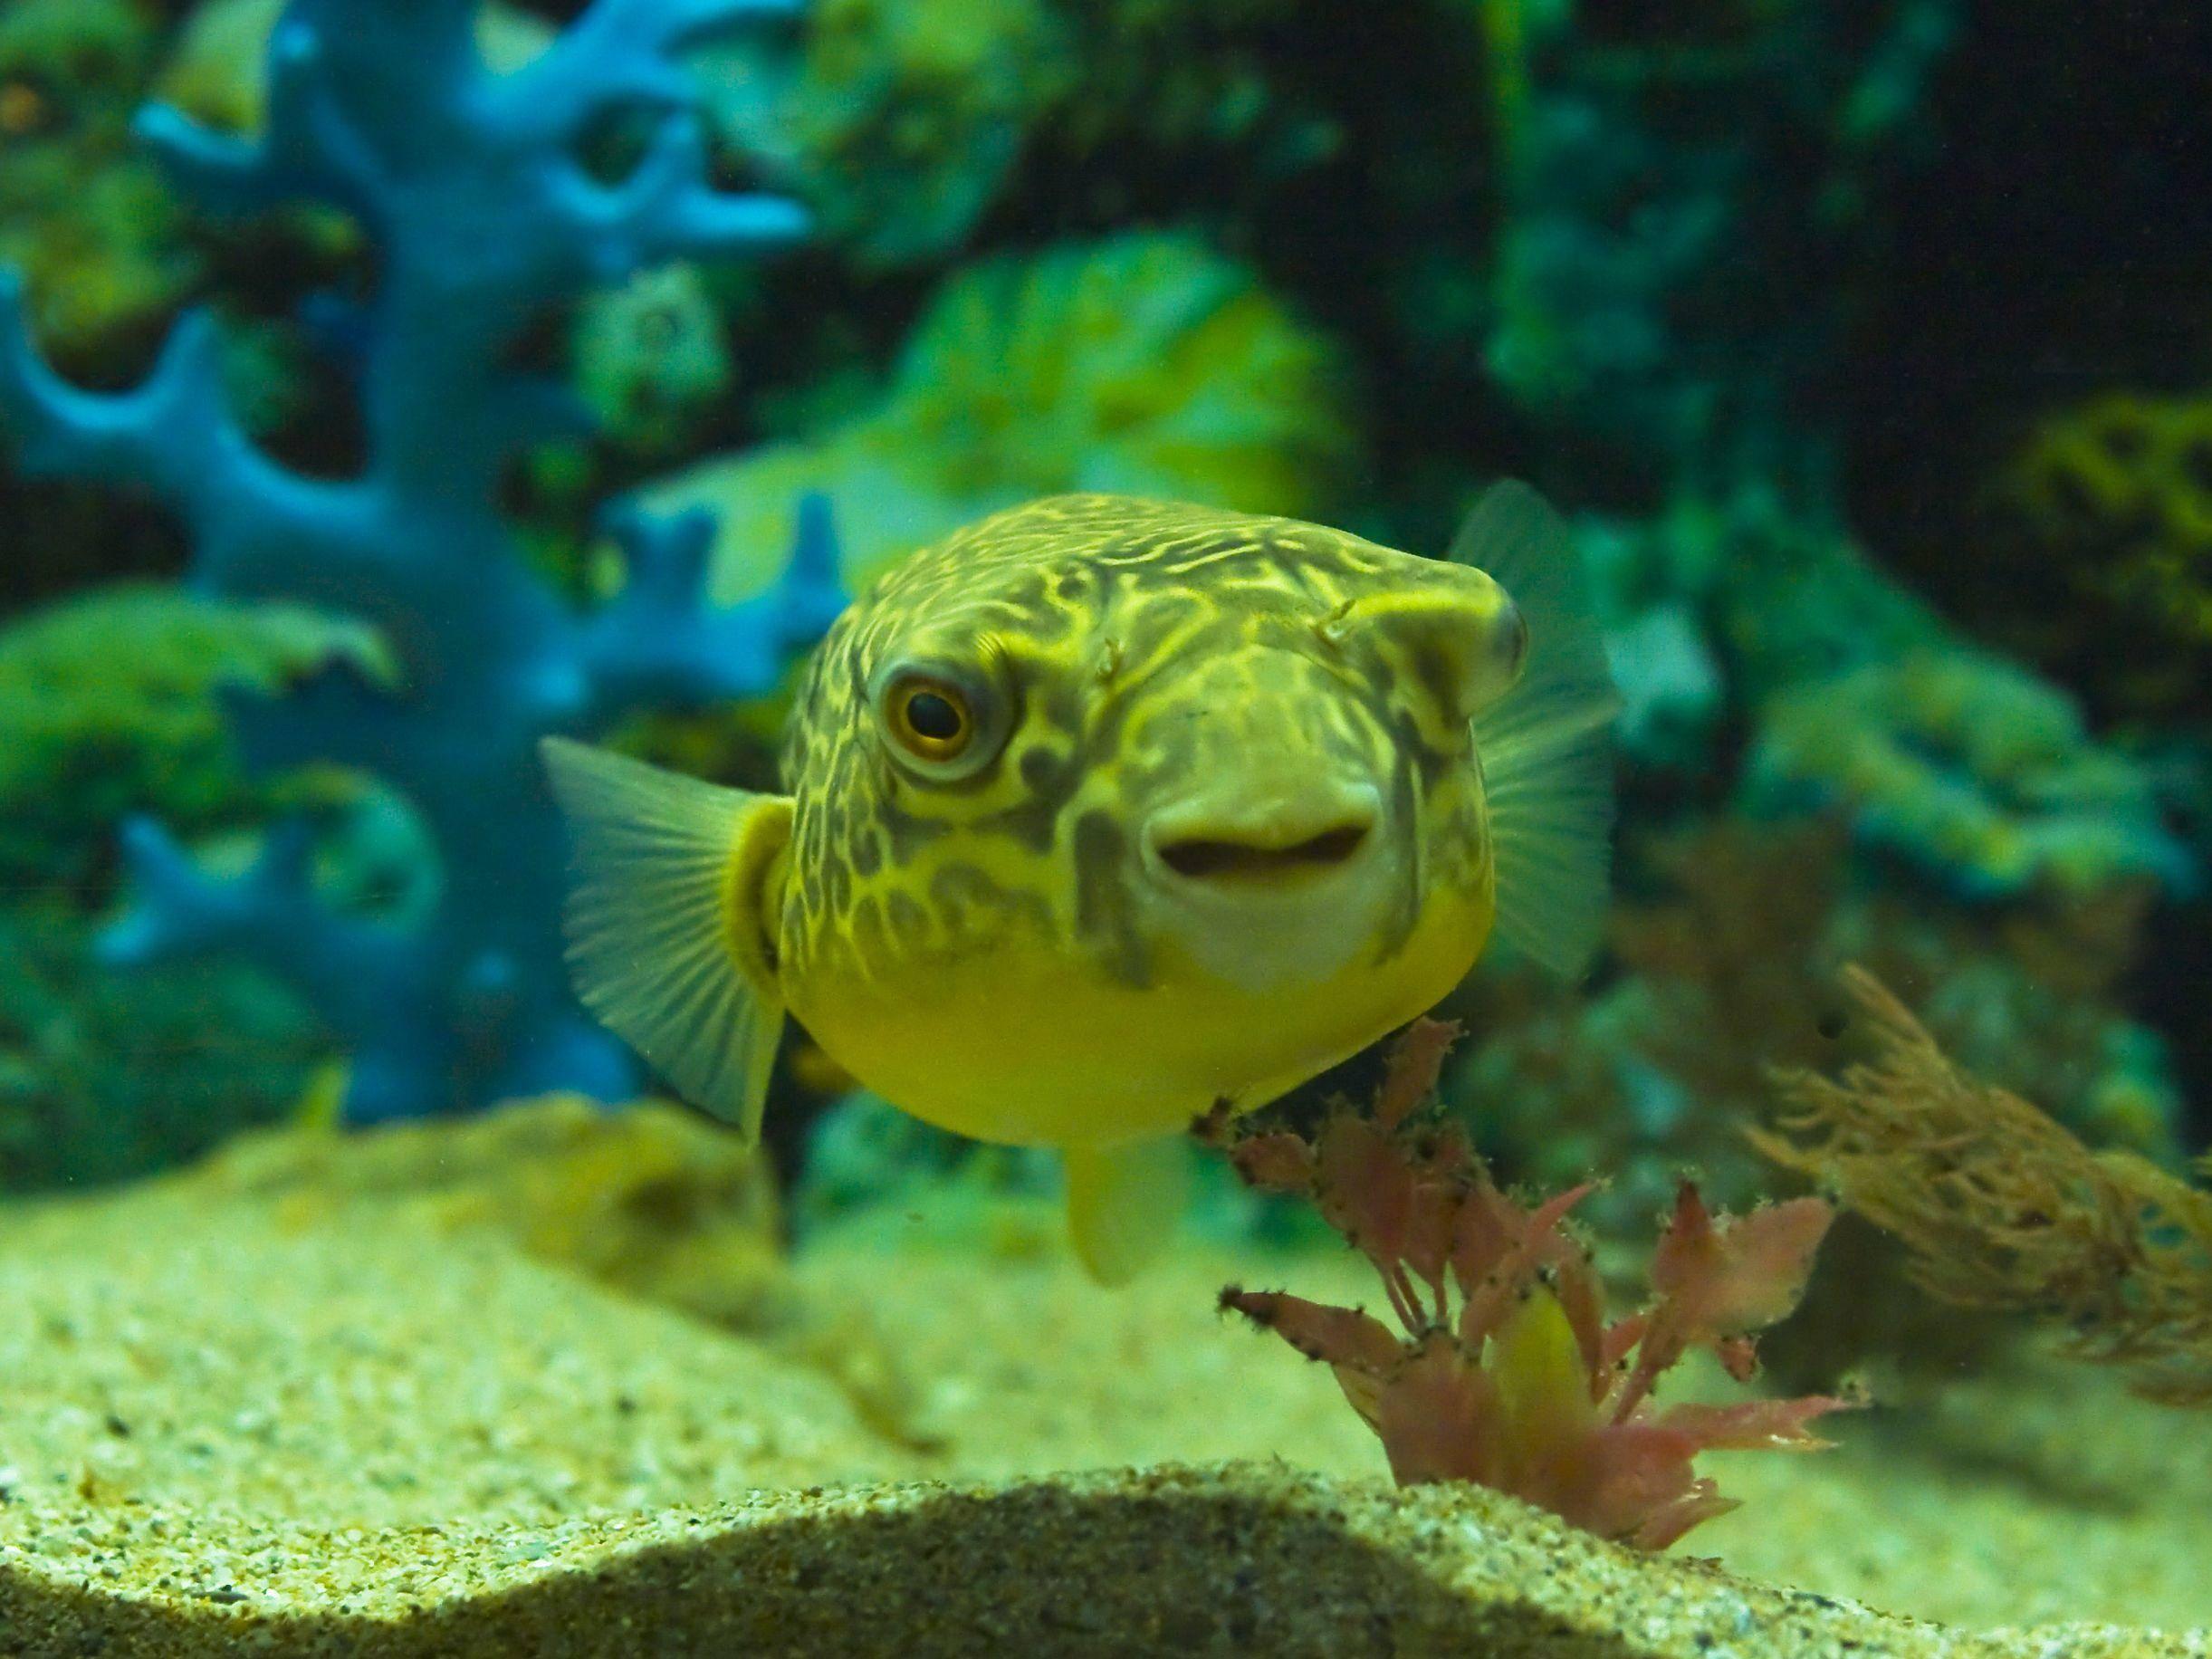 Nilkugelfisch: Ein außergewöhnlicher Wasserbewohner